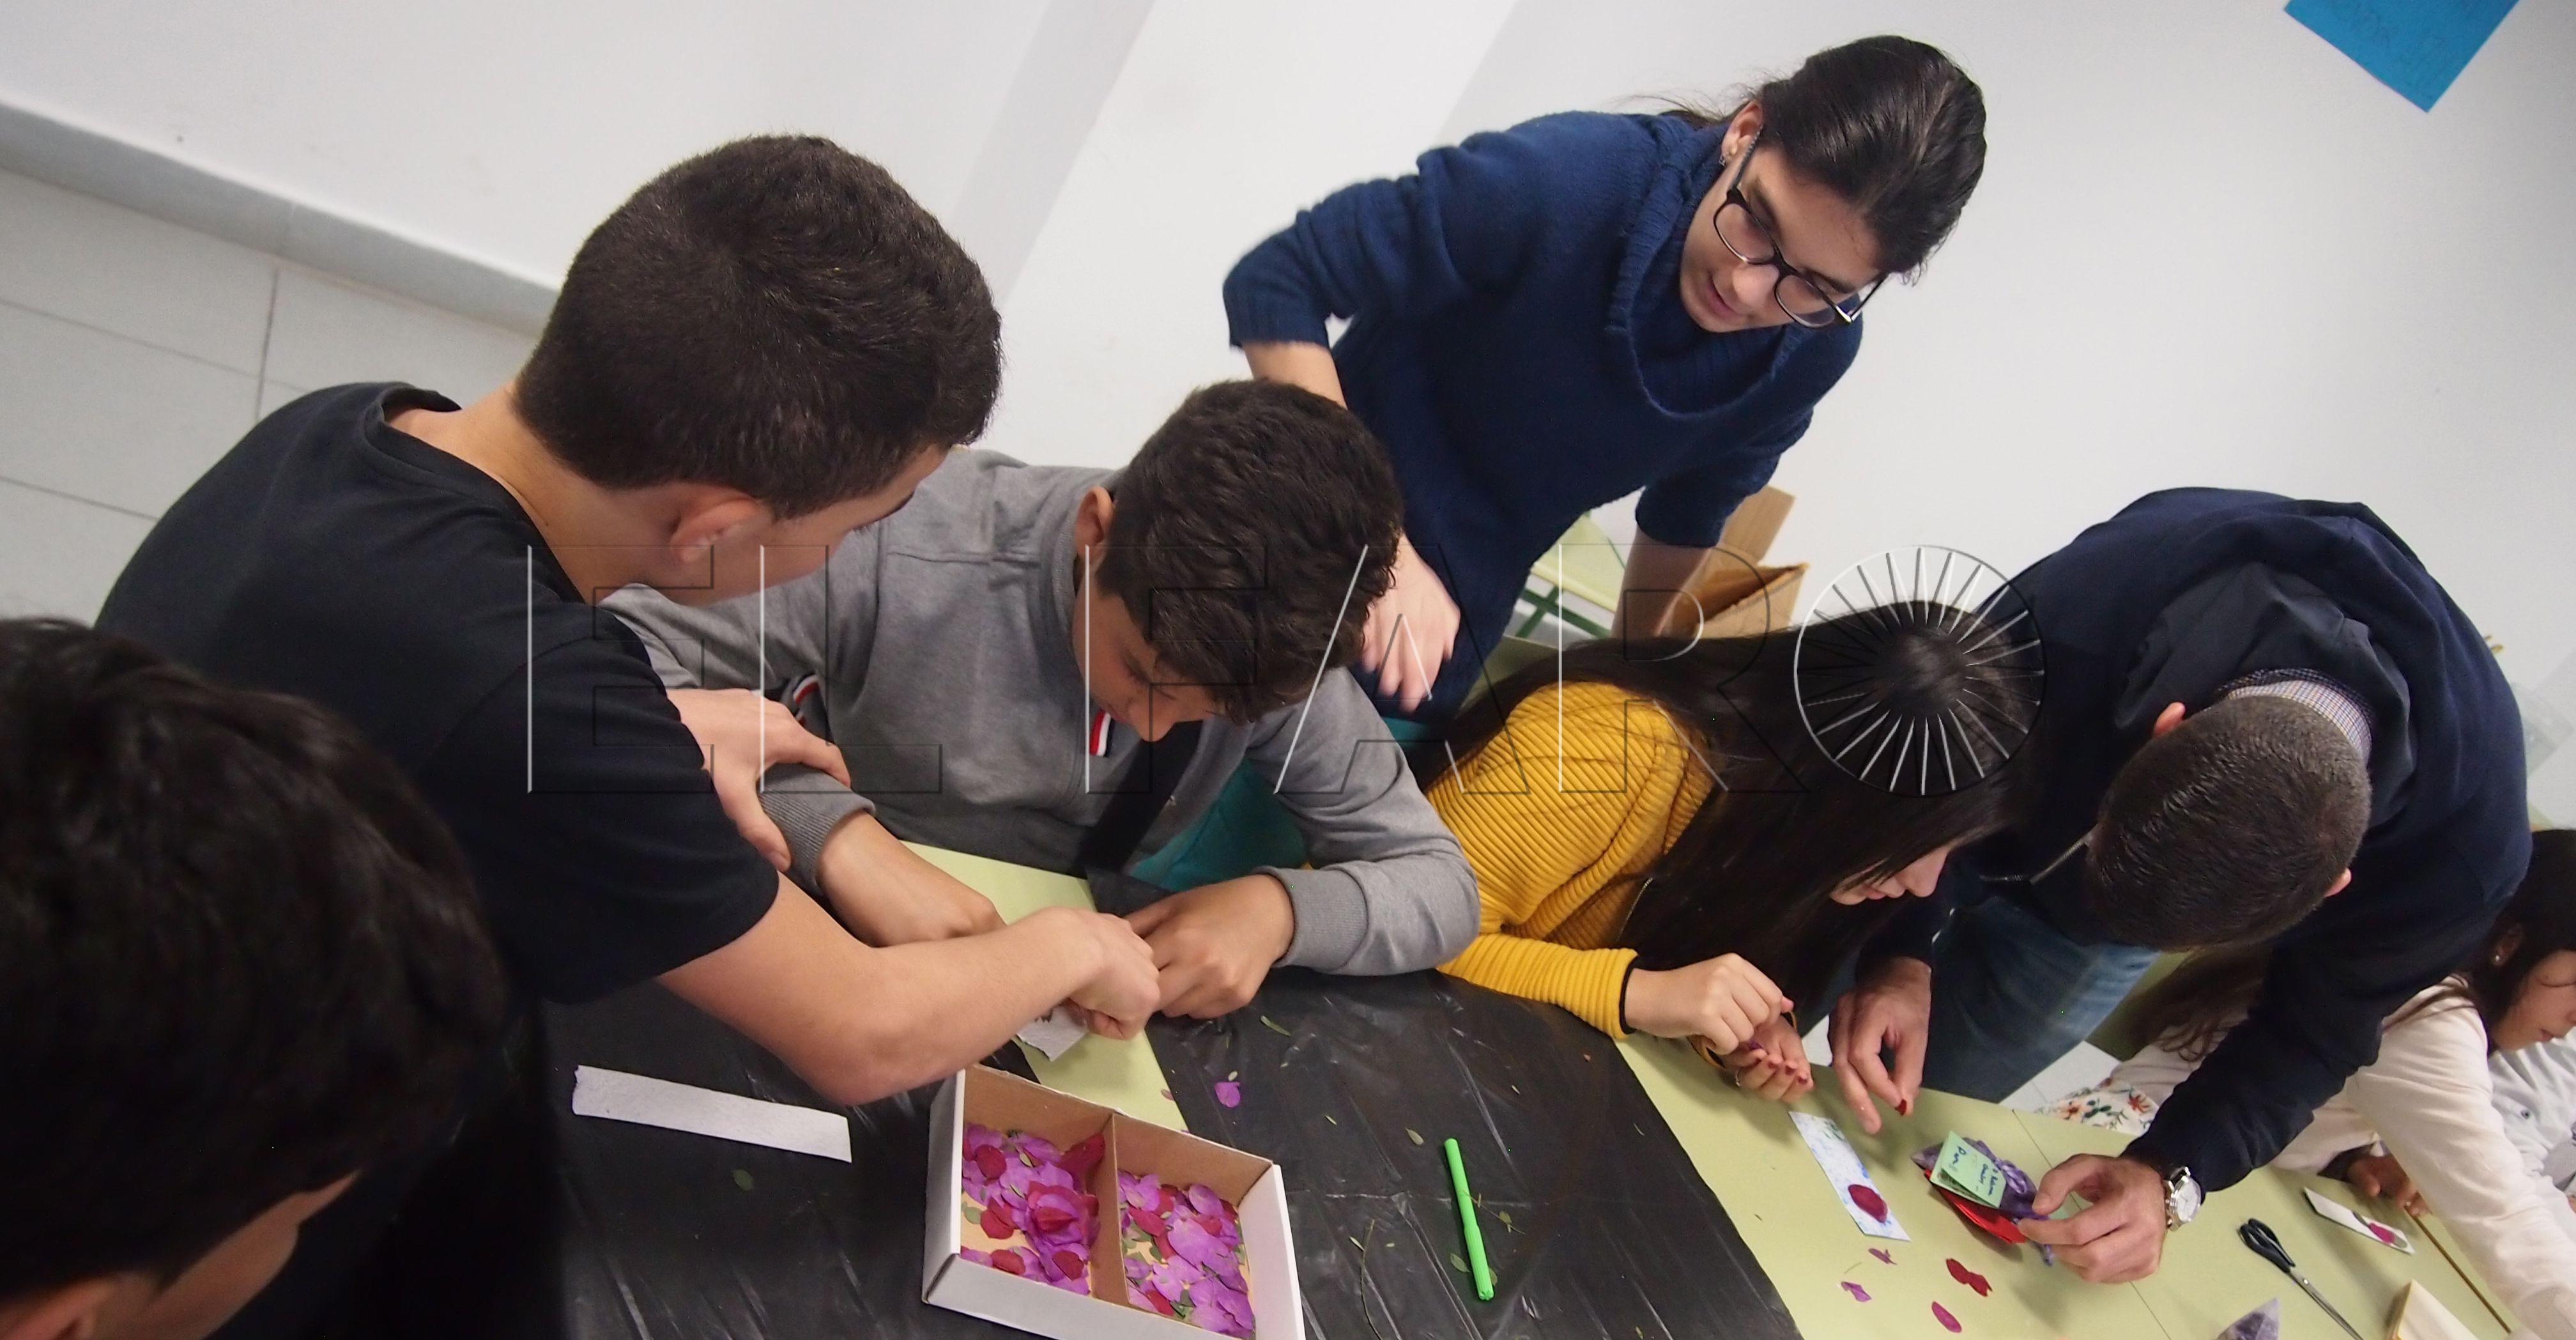 La ratio de alumnos por docente ha crecido un 20% en 10 años en Ceuta